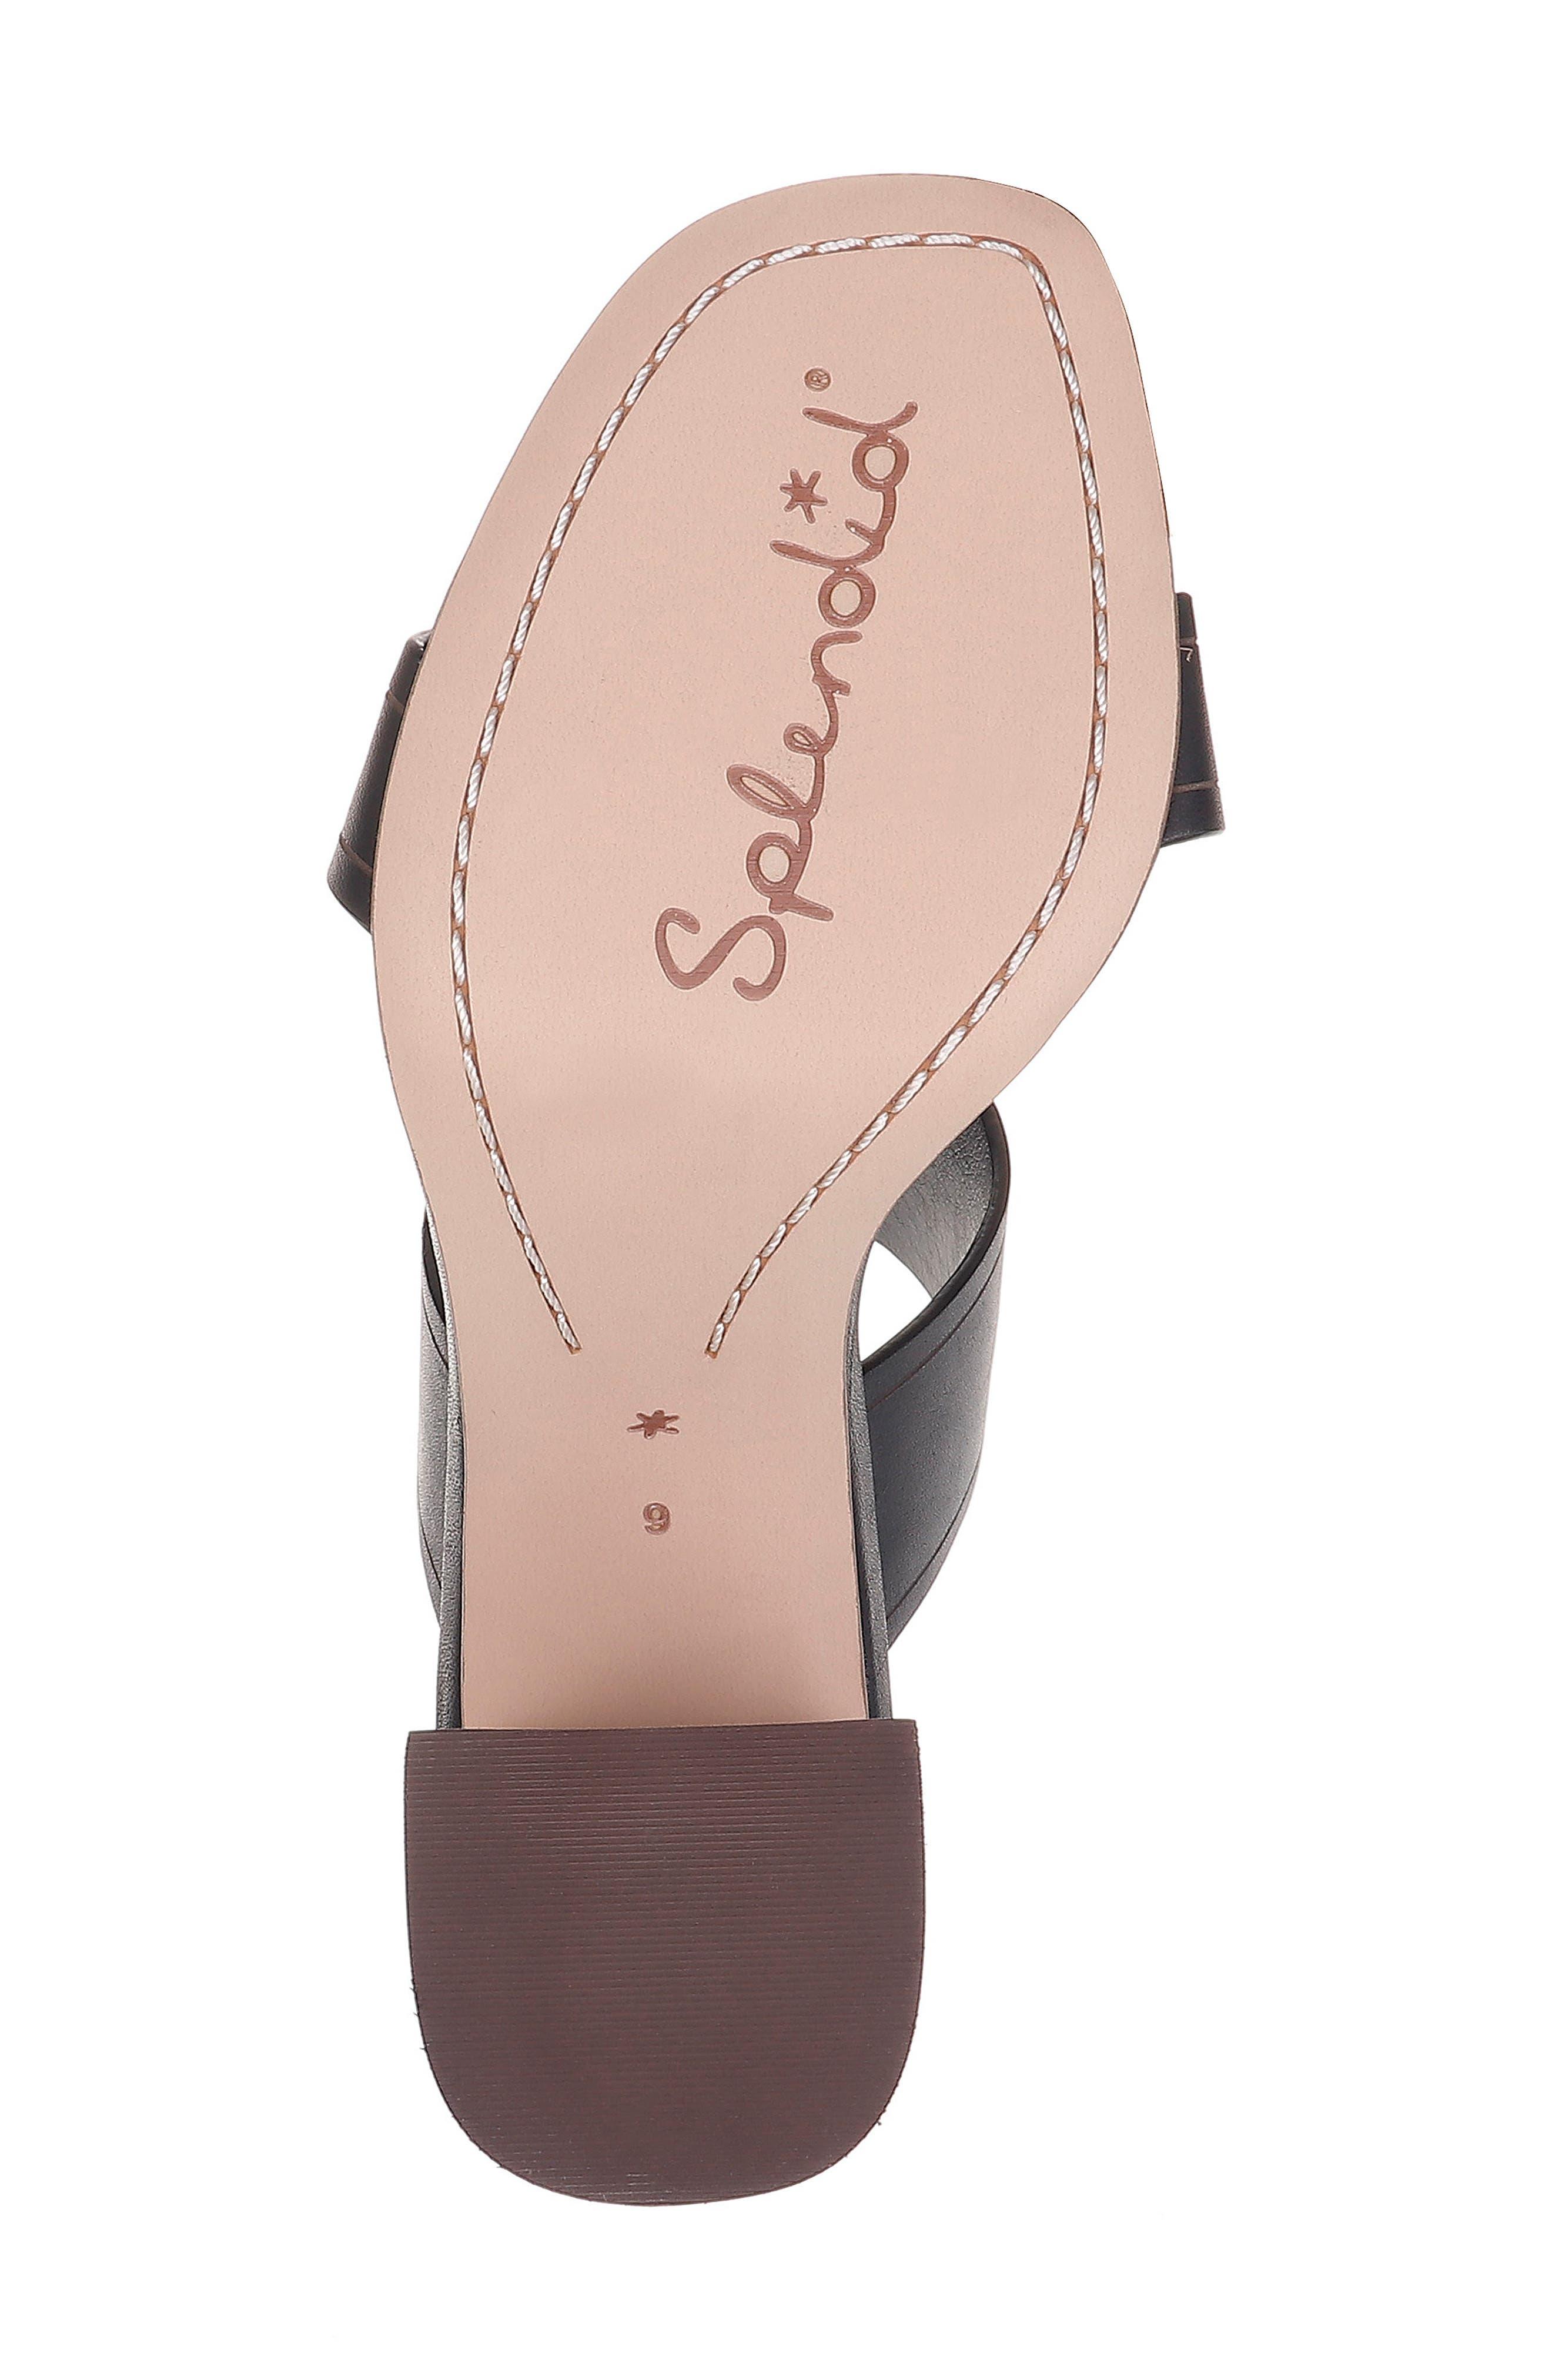 SPLENDID, Tacy Slide Sandal, Alternate thumbnail 6, color, BLACK LEATHER